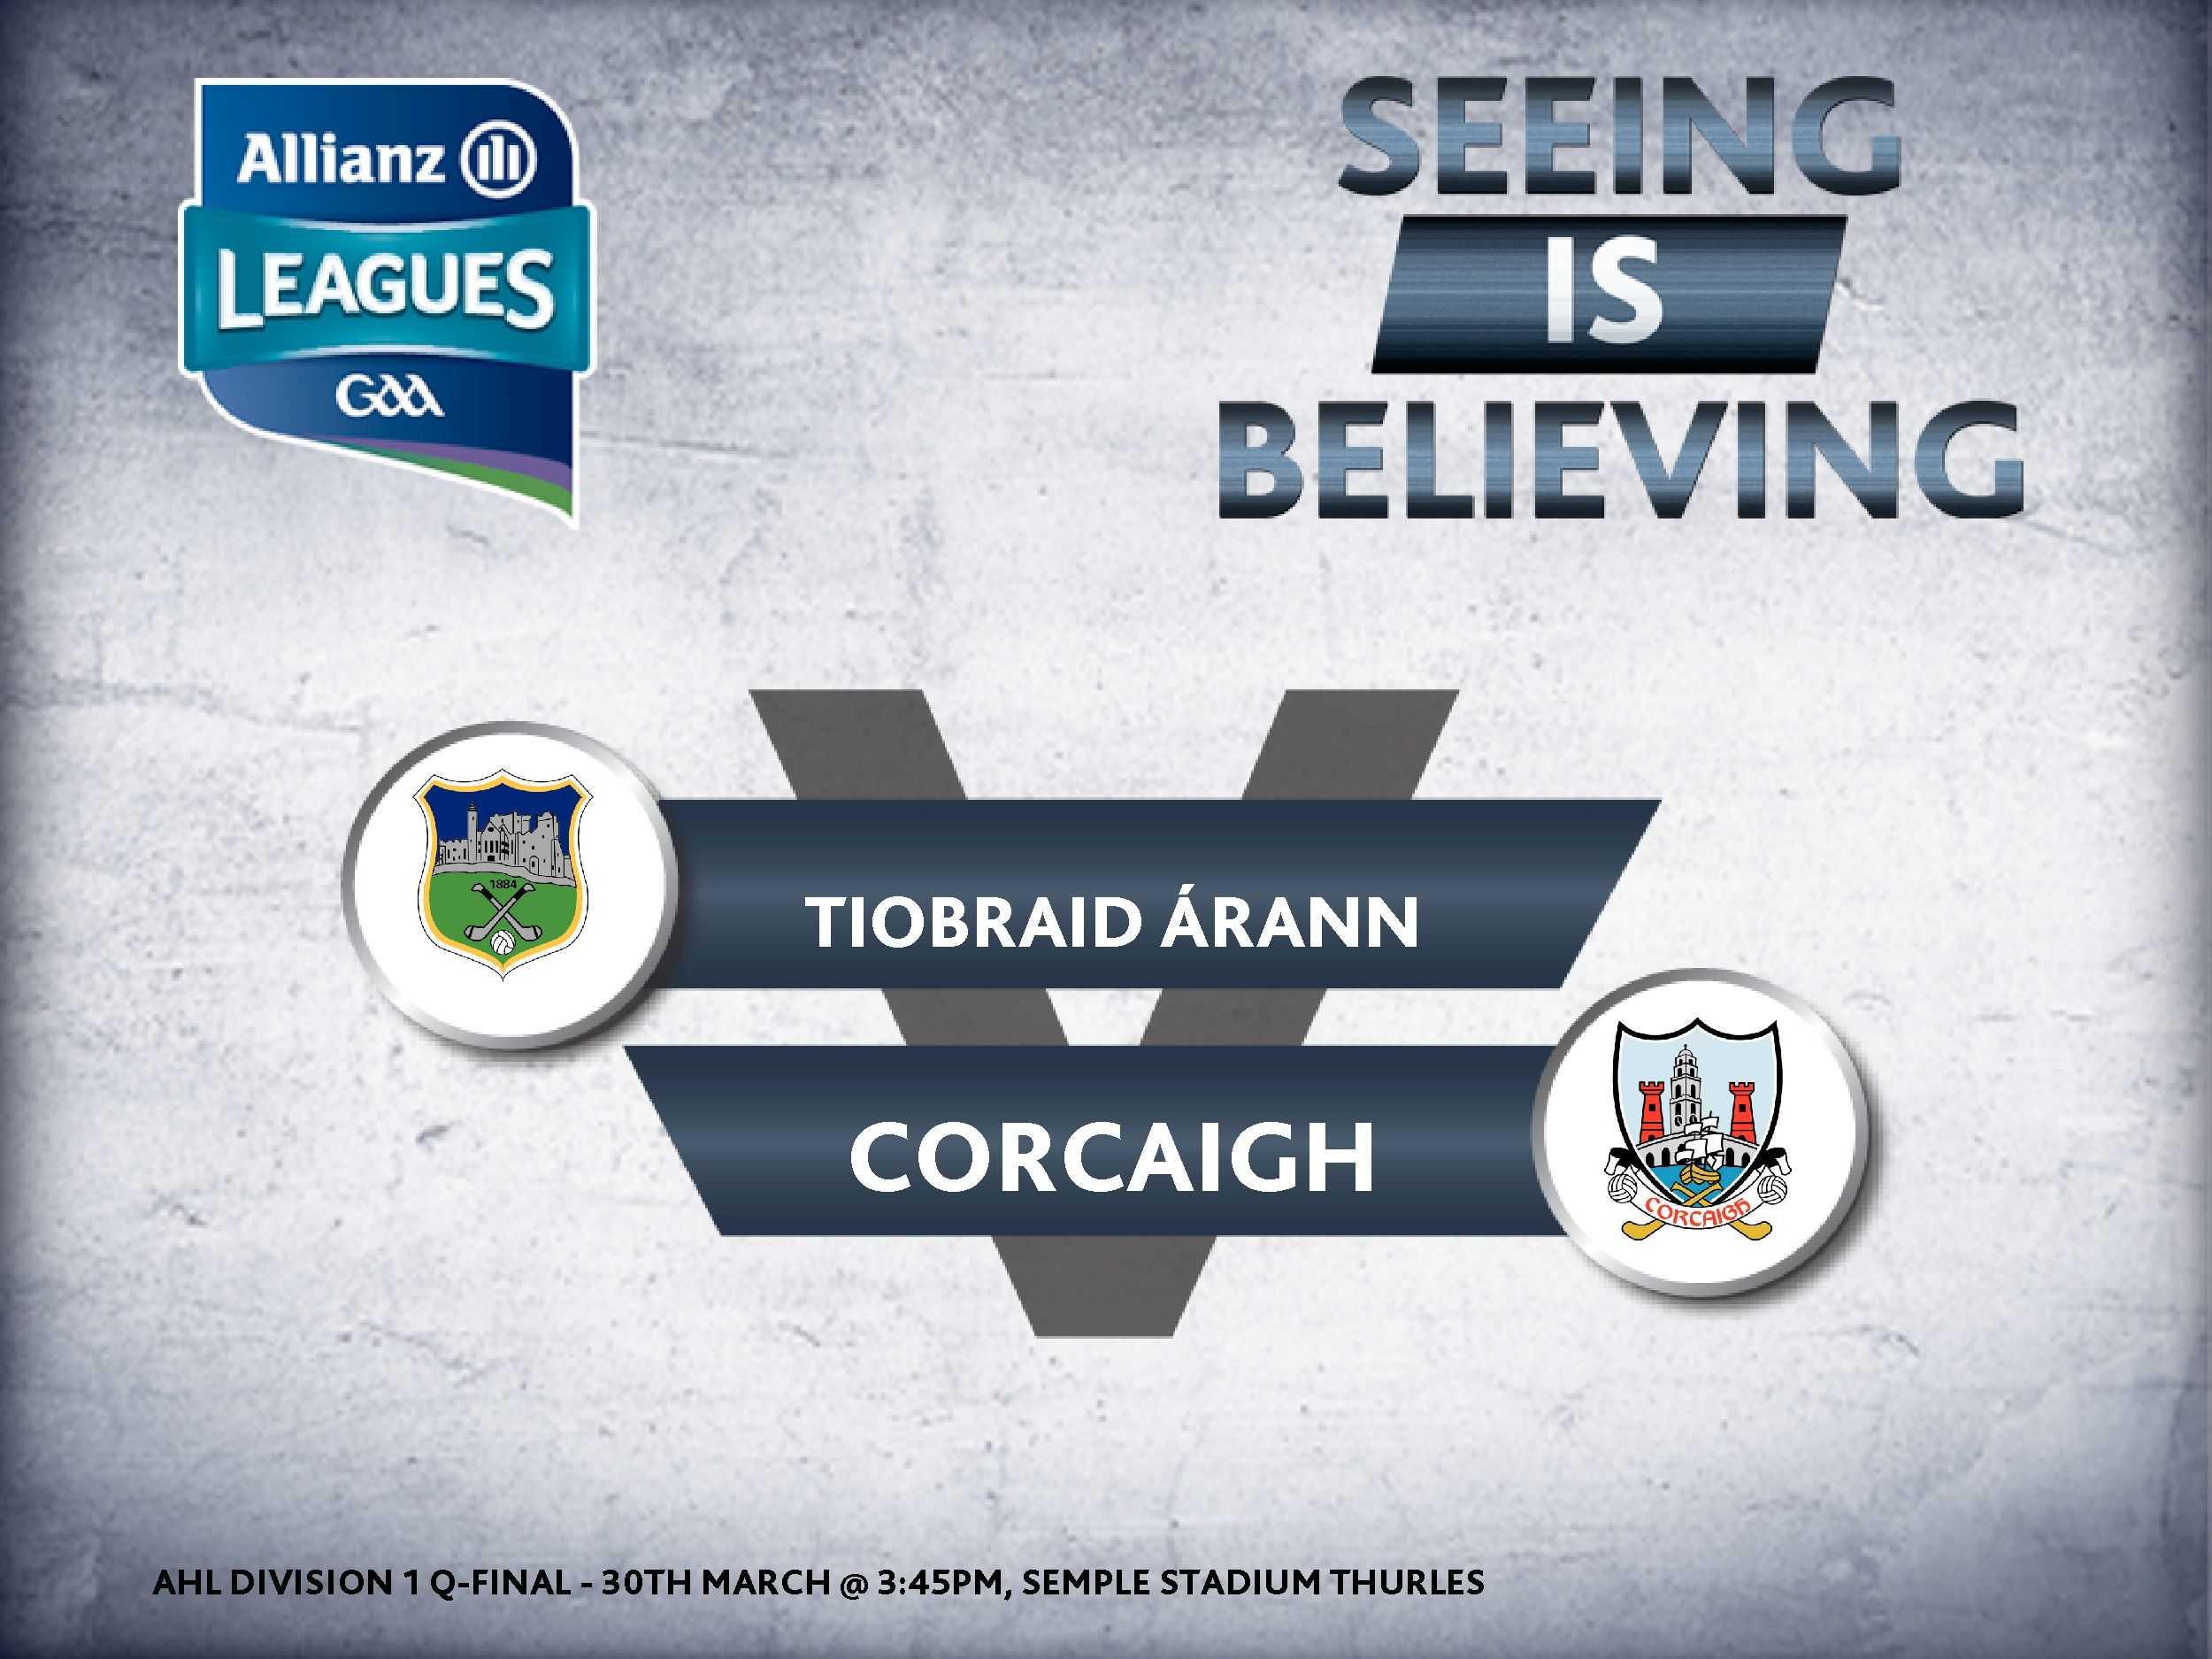 Tipp-v-Cork-Online-Image-1-Match-Template-26-03-2014_hires